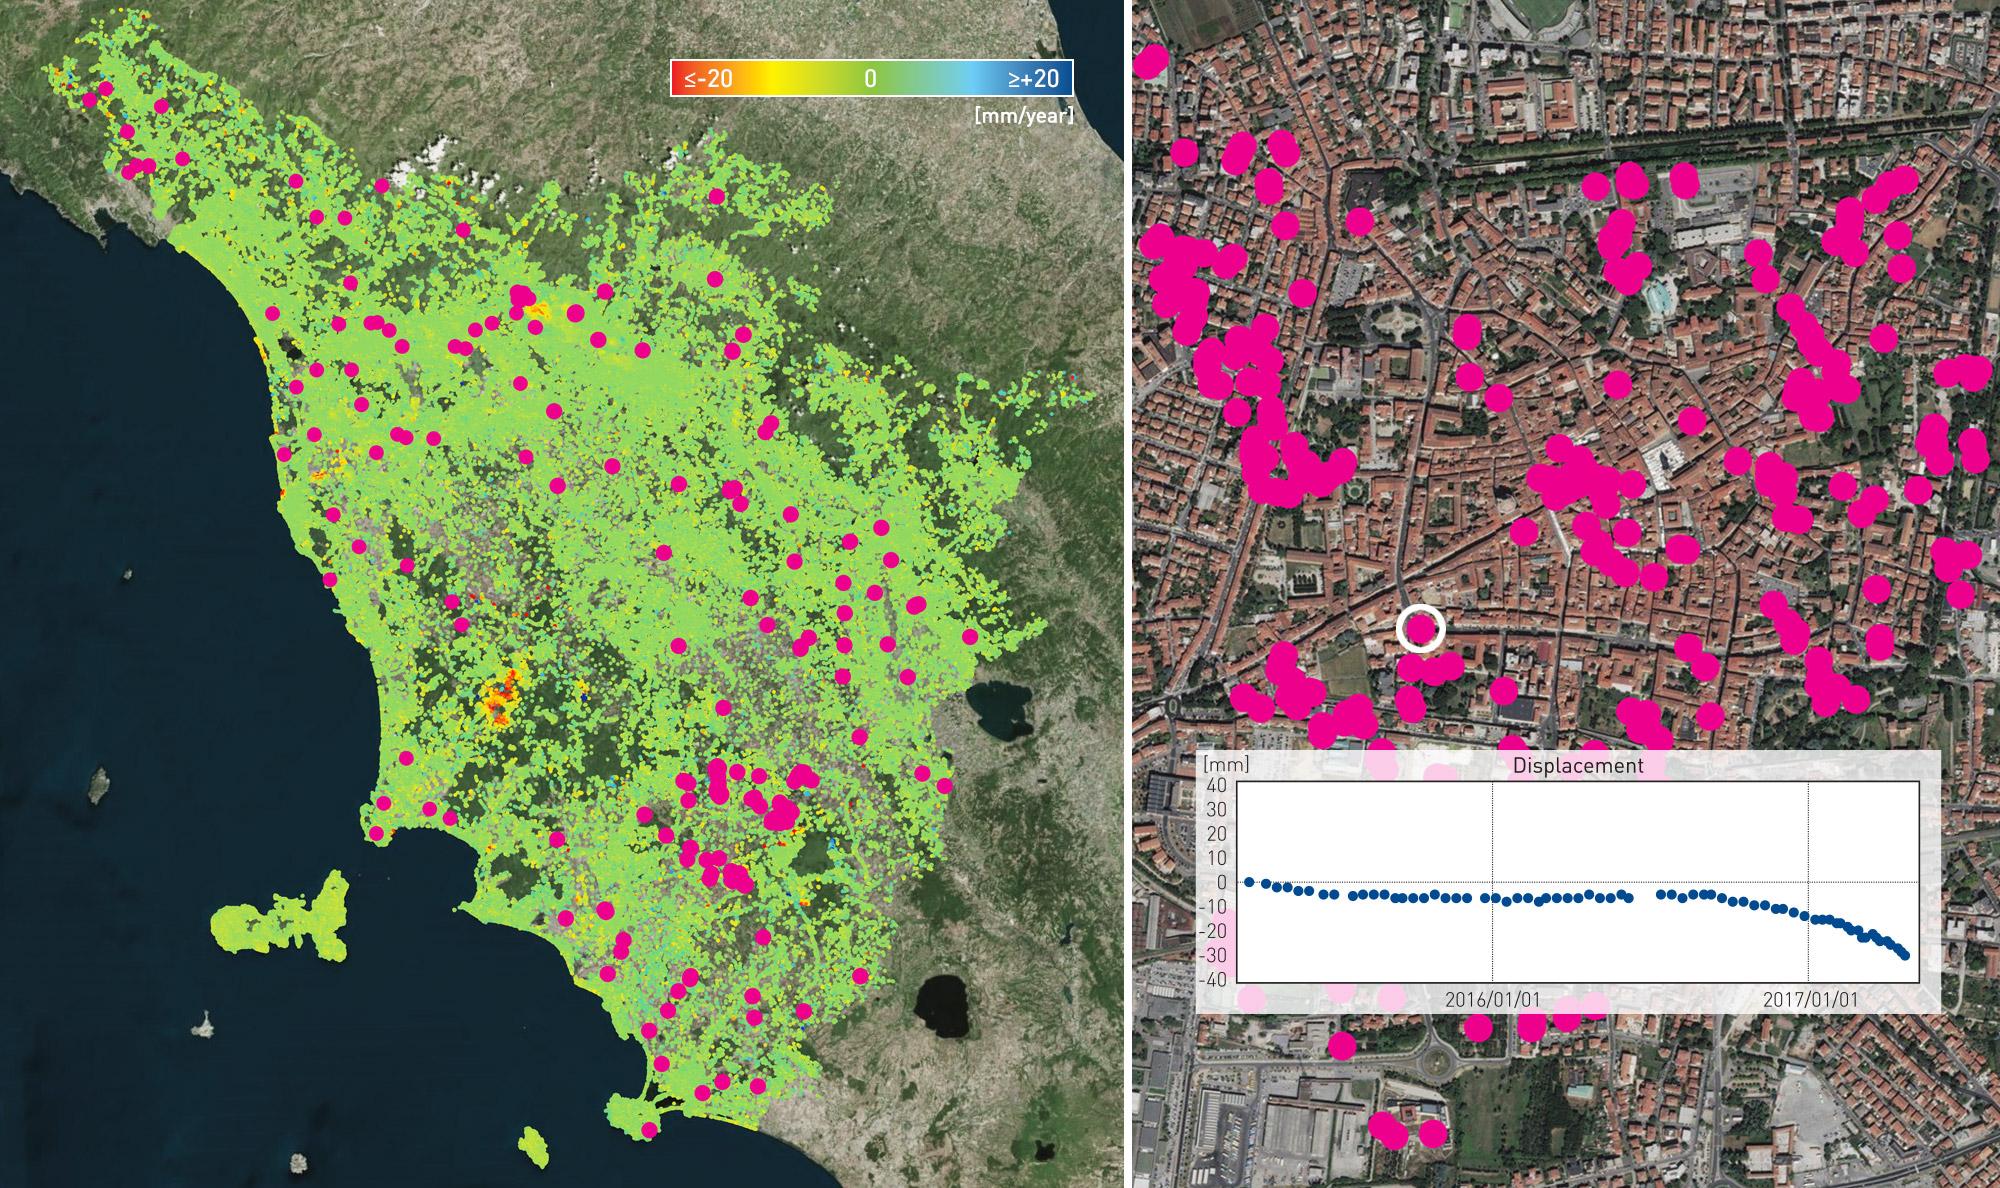 Regional InSAR monitoring - Toscana